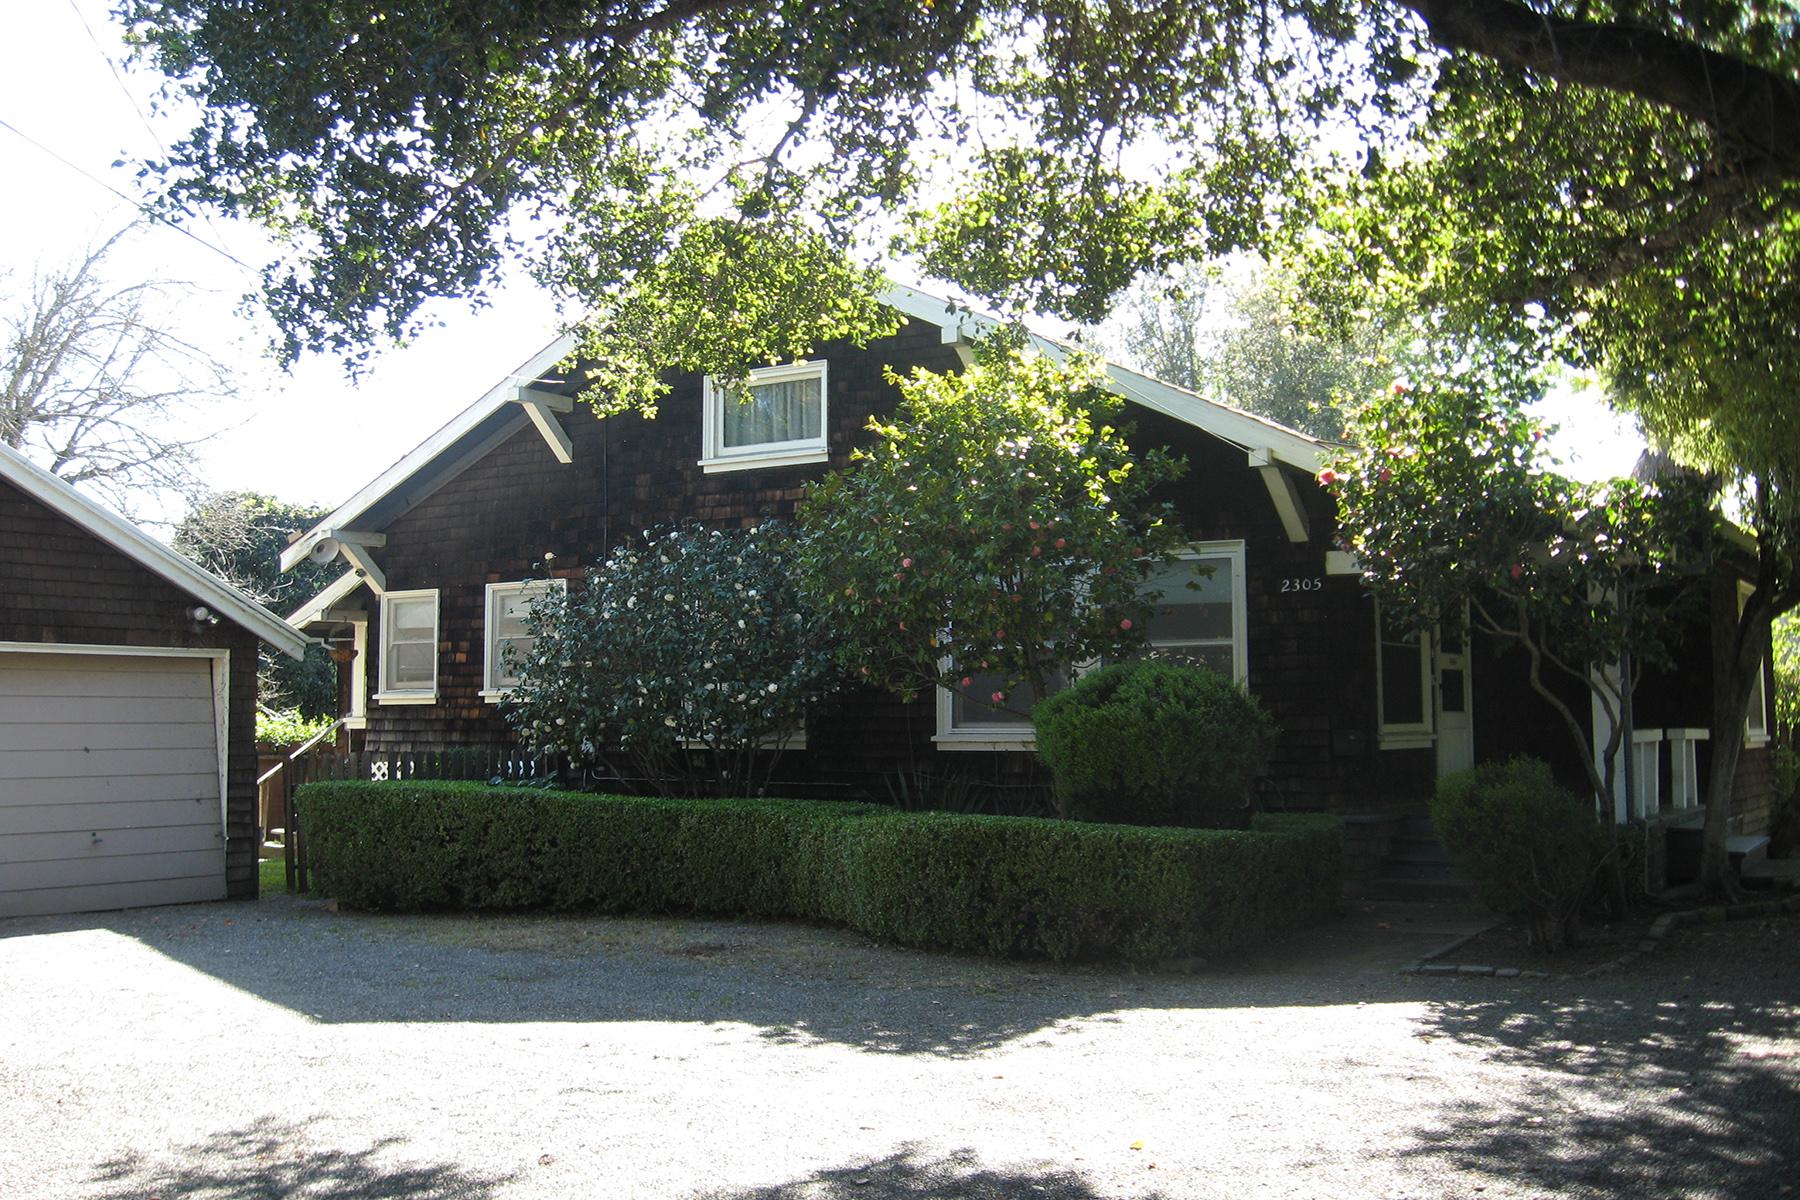 多户住宅 为 销售 在 2303 Main St, Napa, CA 94558 2303 Main St 纳帕, 加利福尼亚州, 94558 美国